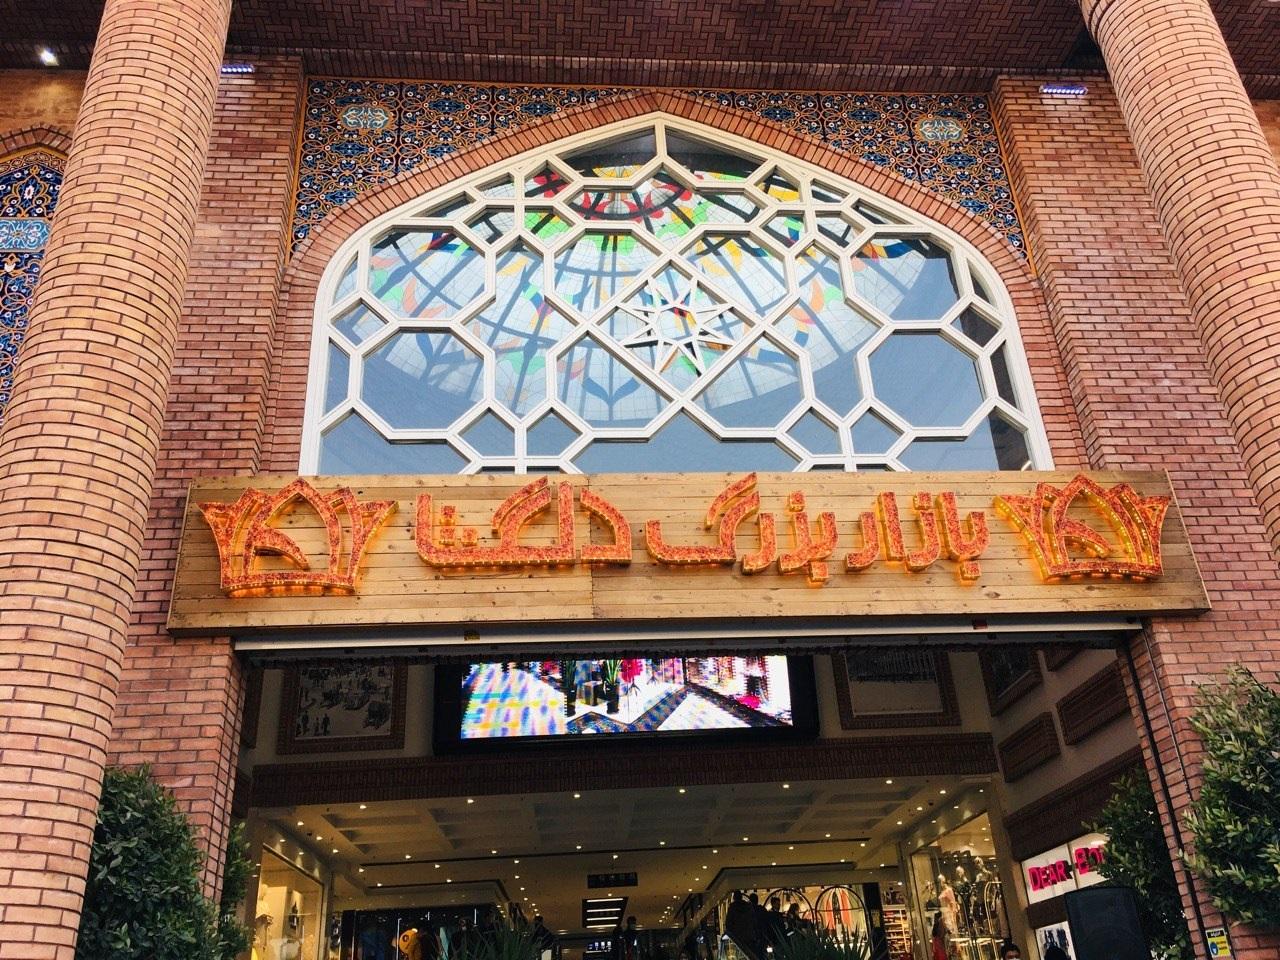 بازار،دلگشا،سراي،تهران،تجاري،خريد،مركز،فروشندگان،امكانات،مرا ...